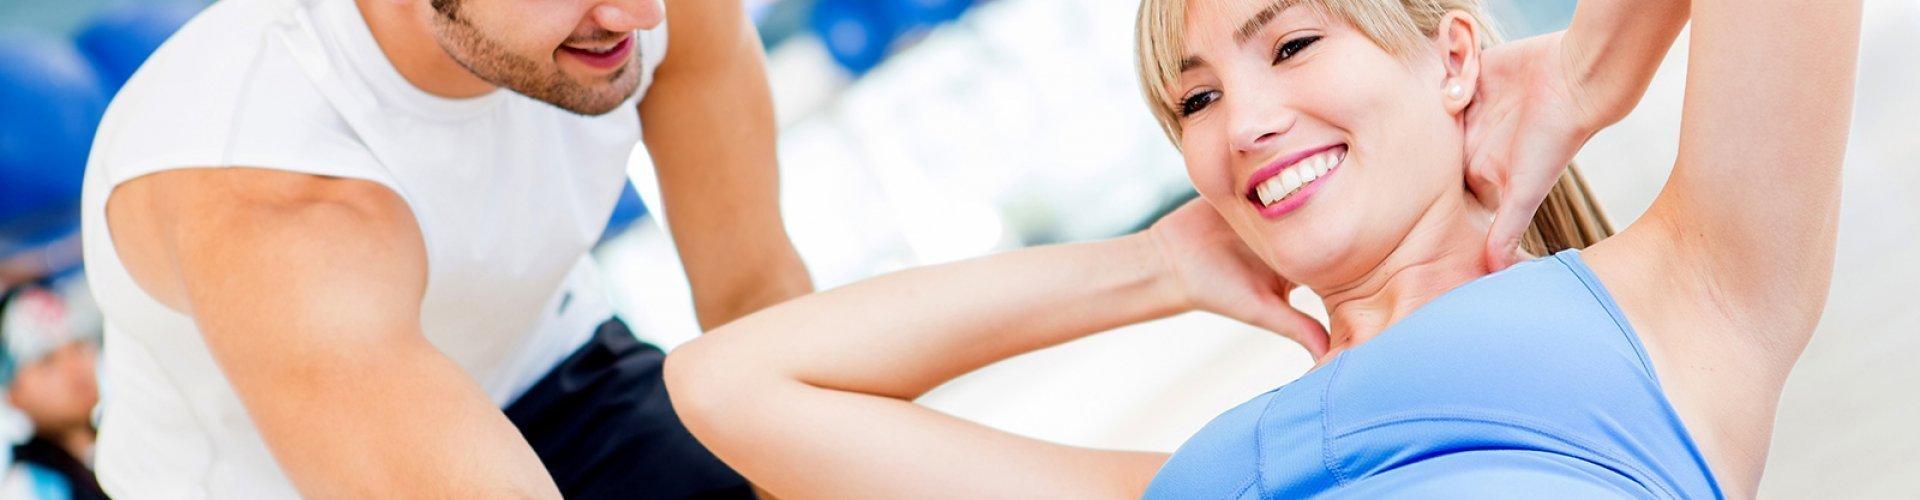 Pakiet Rehabilitacyjny z zabiegami bez limitów